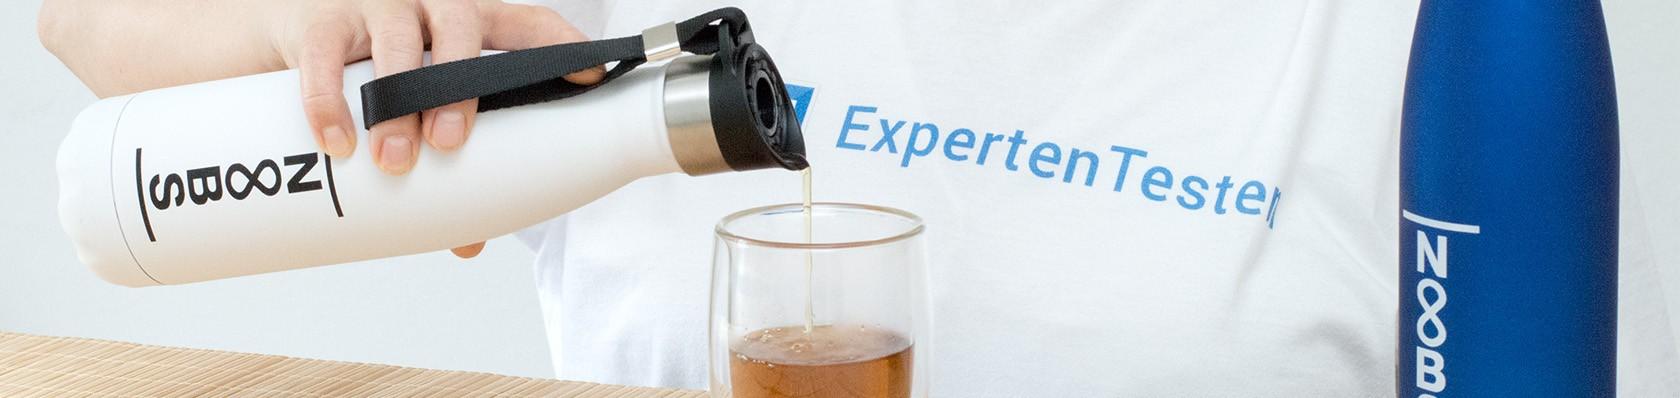 Thermosflaschen im Test auf ExpertenTesten.de